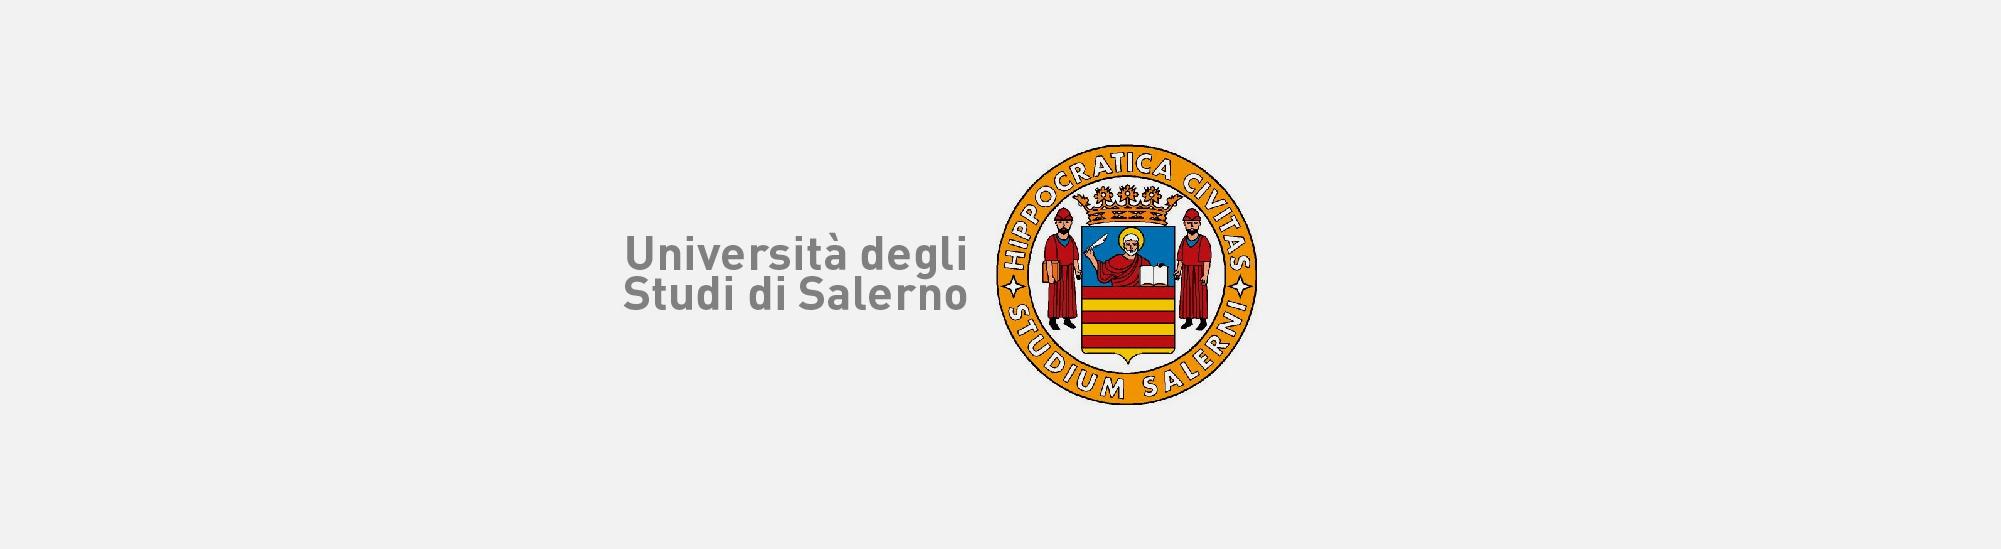 Header Università degli Studi di Salerno